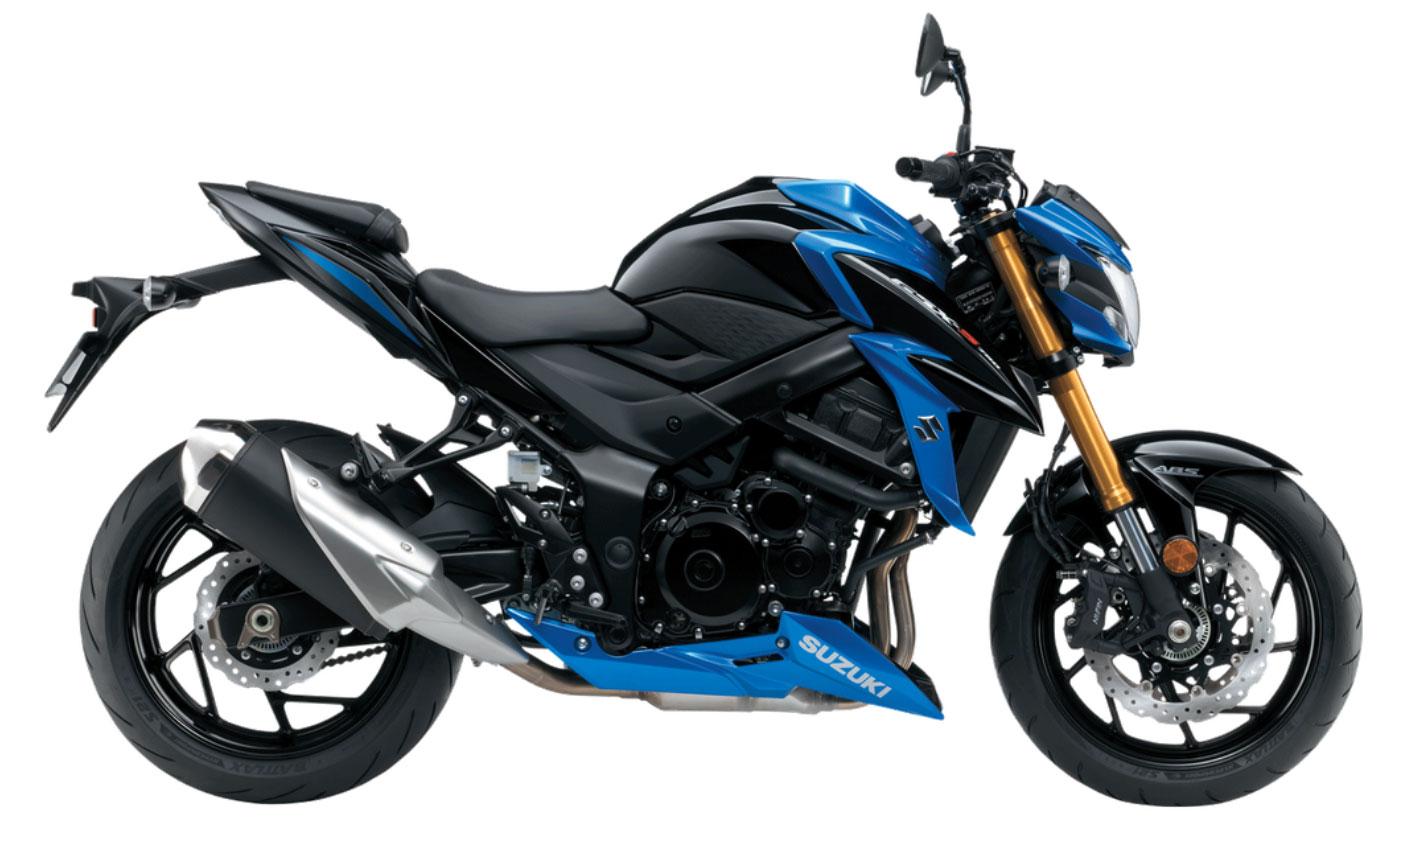 suzuki-gsx-s750-blue